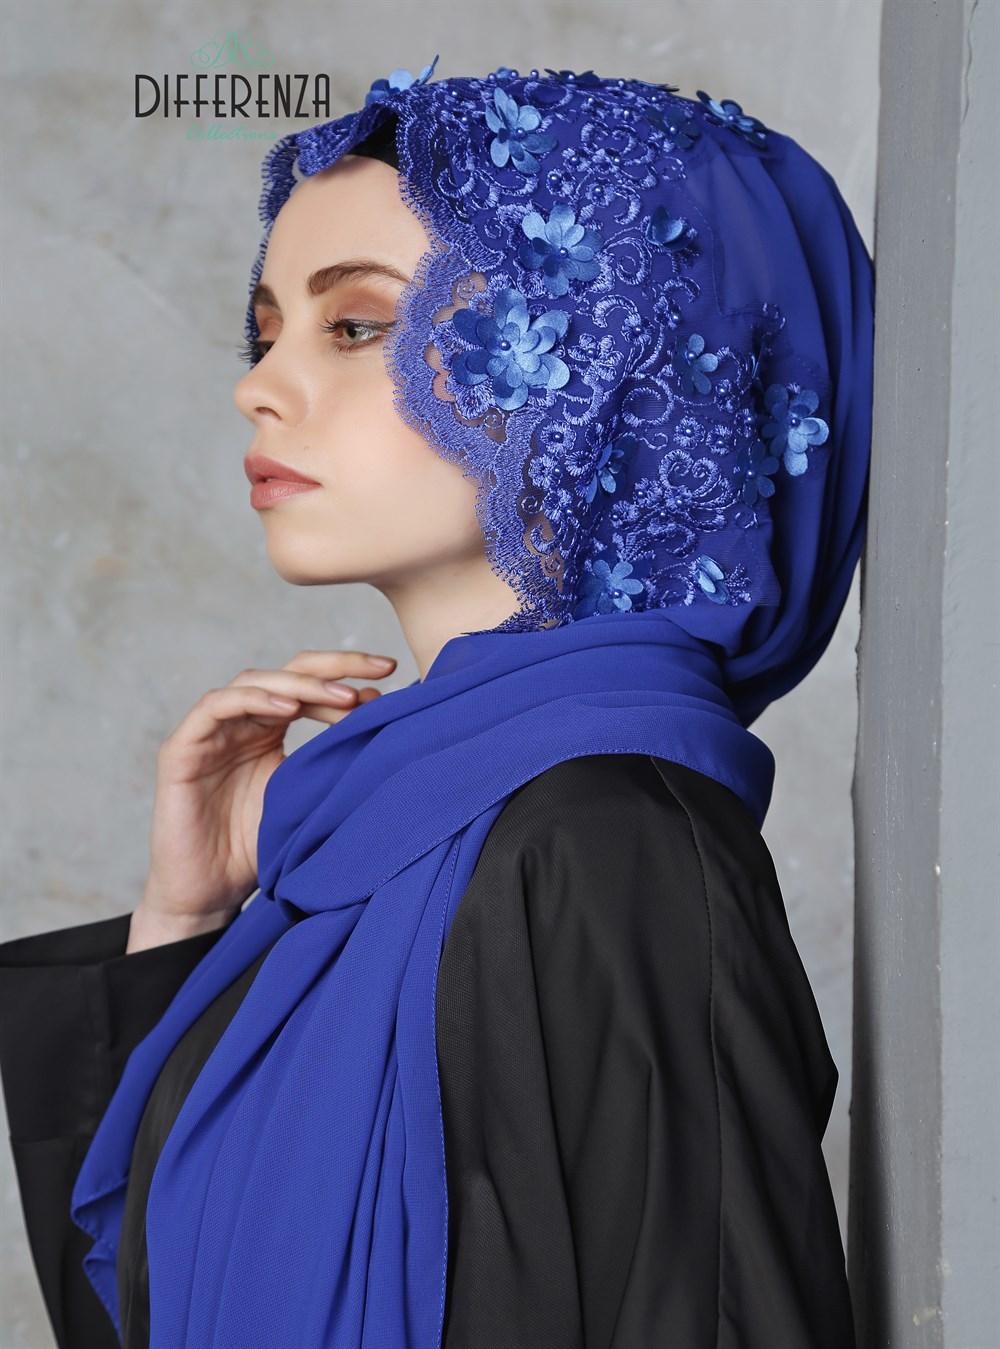 حجاب عمامة دانتيل هوت كوتور تصميم خاص تصميم مختلف ملابس نسائية إسلامية موضة تركية هدايا زفاف